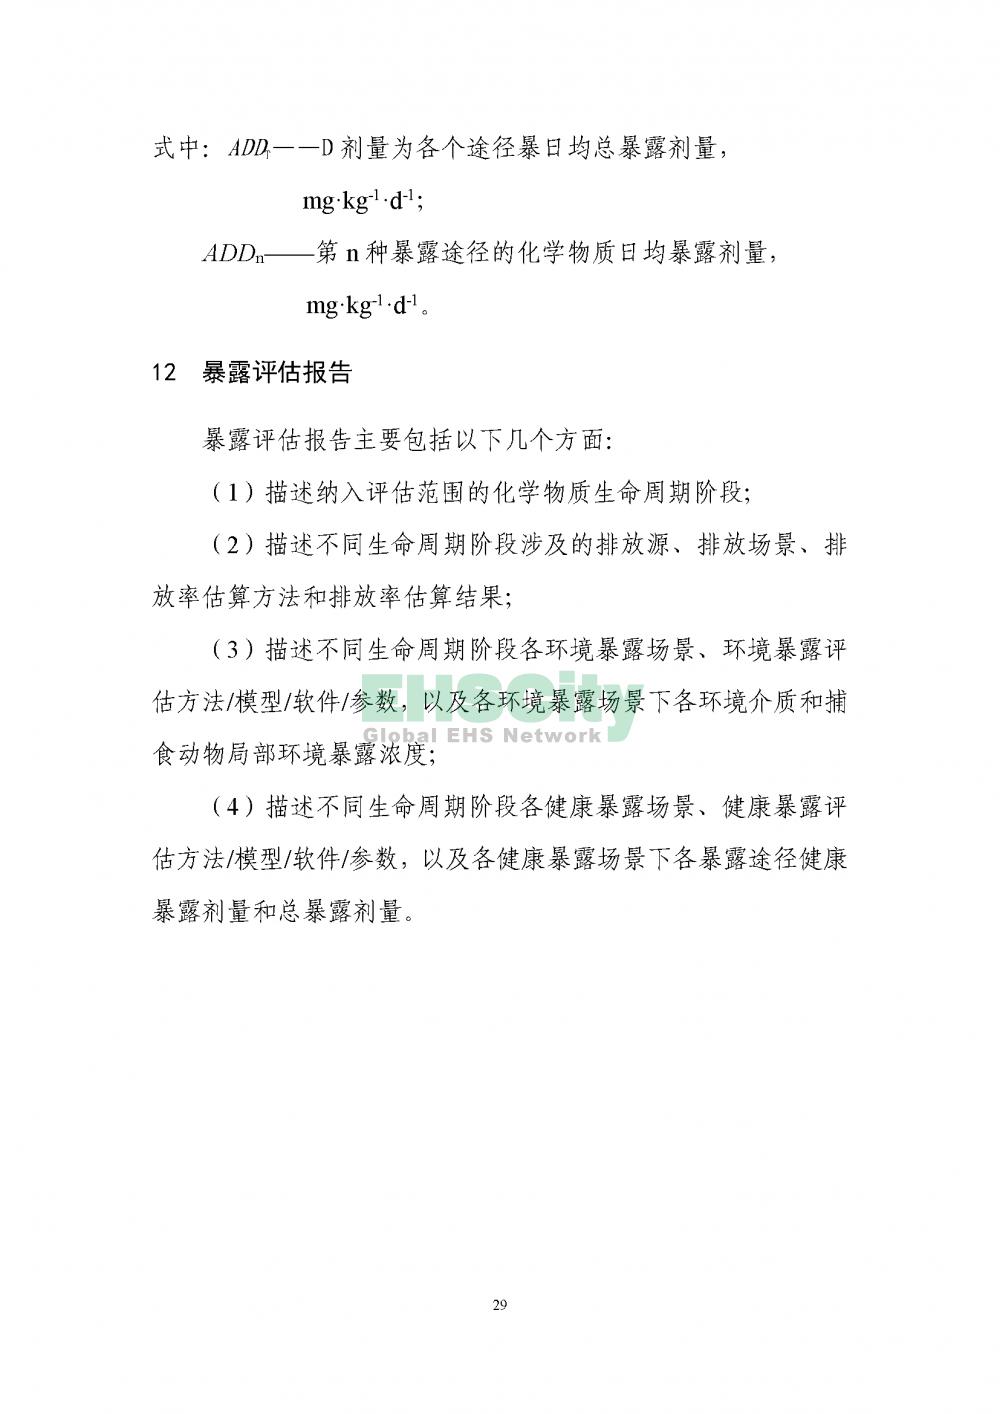 2化学物质环境与健康暴露评估技术导则_页面_31